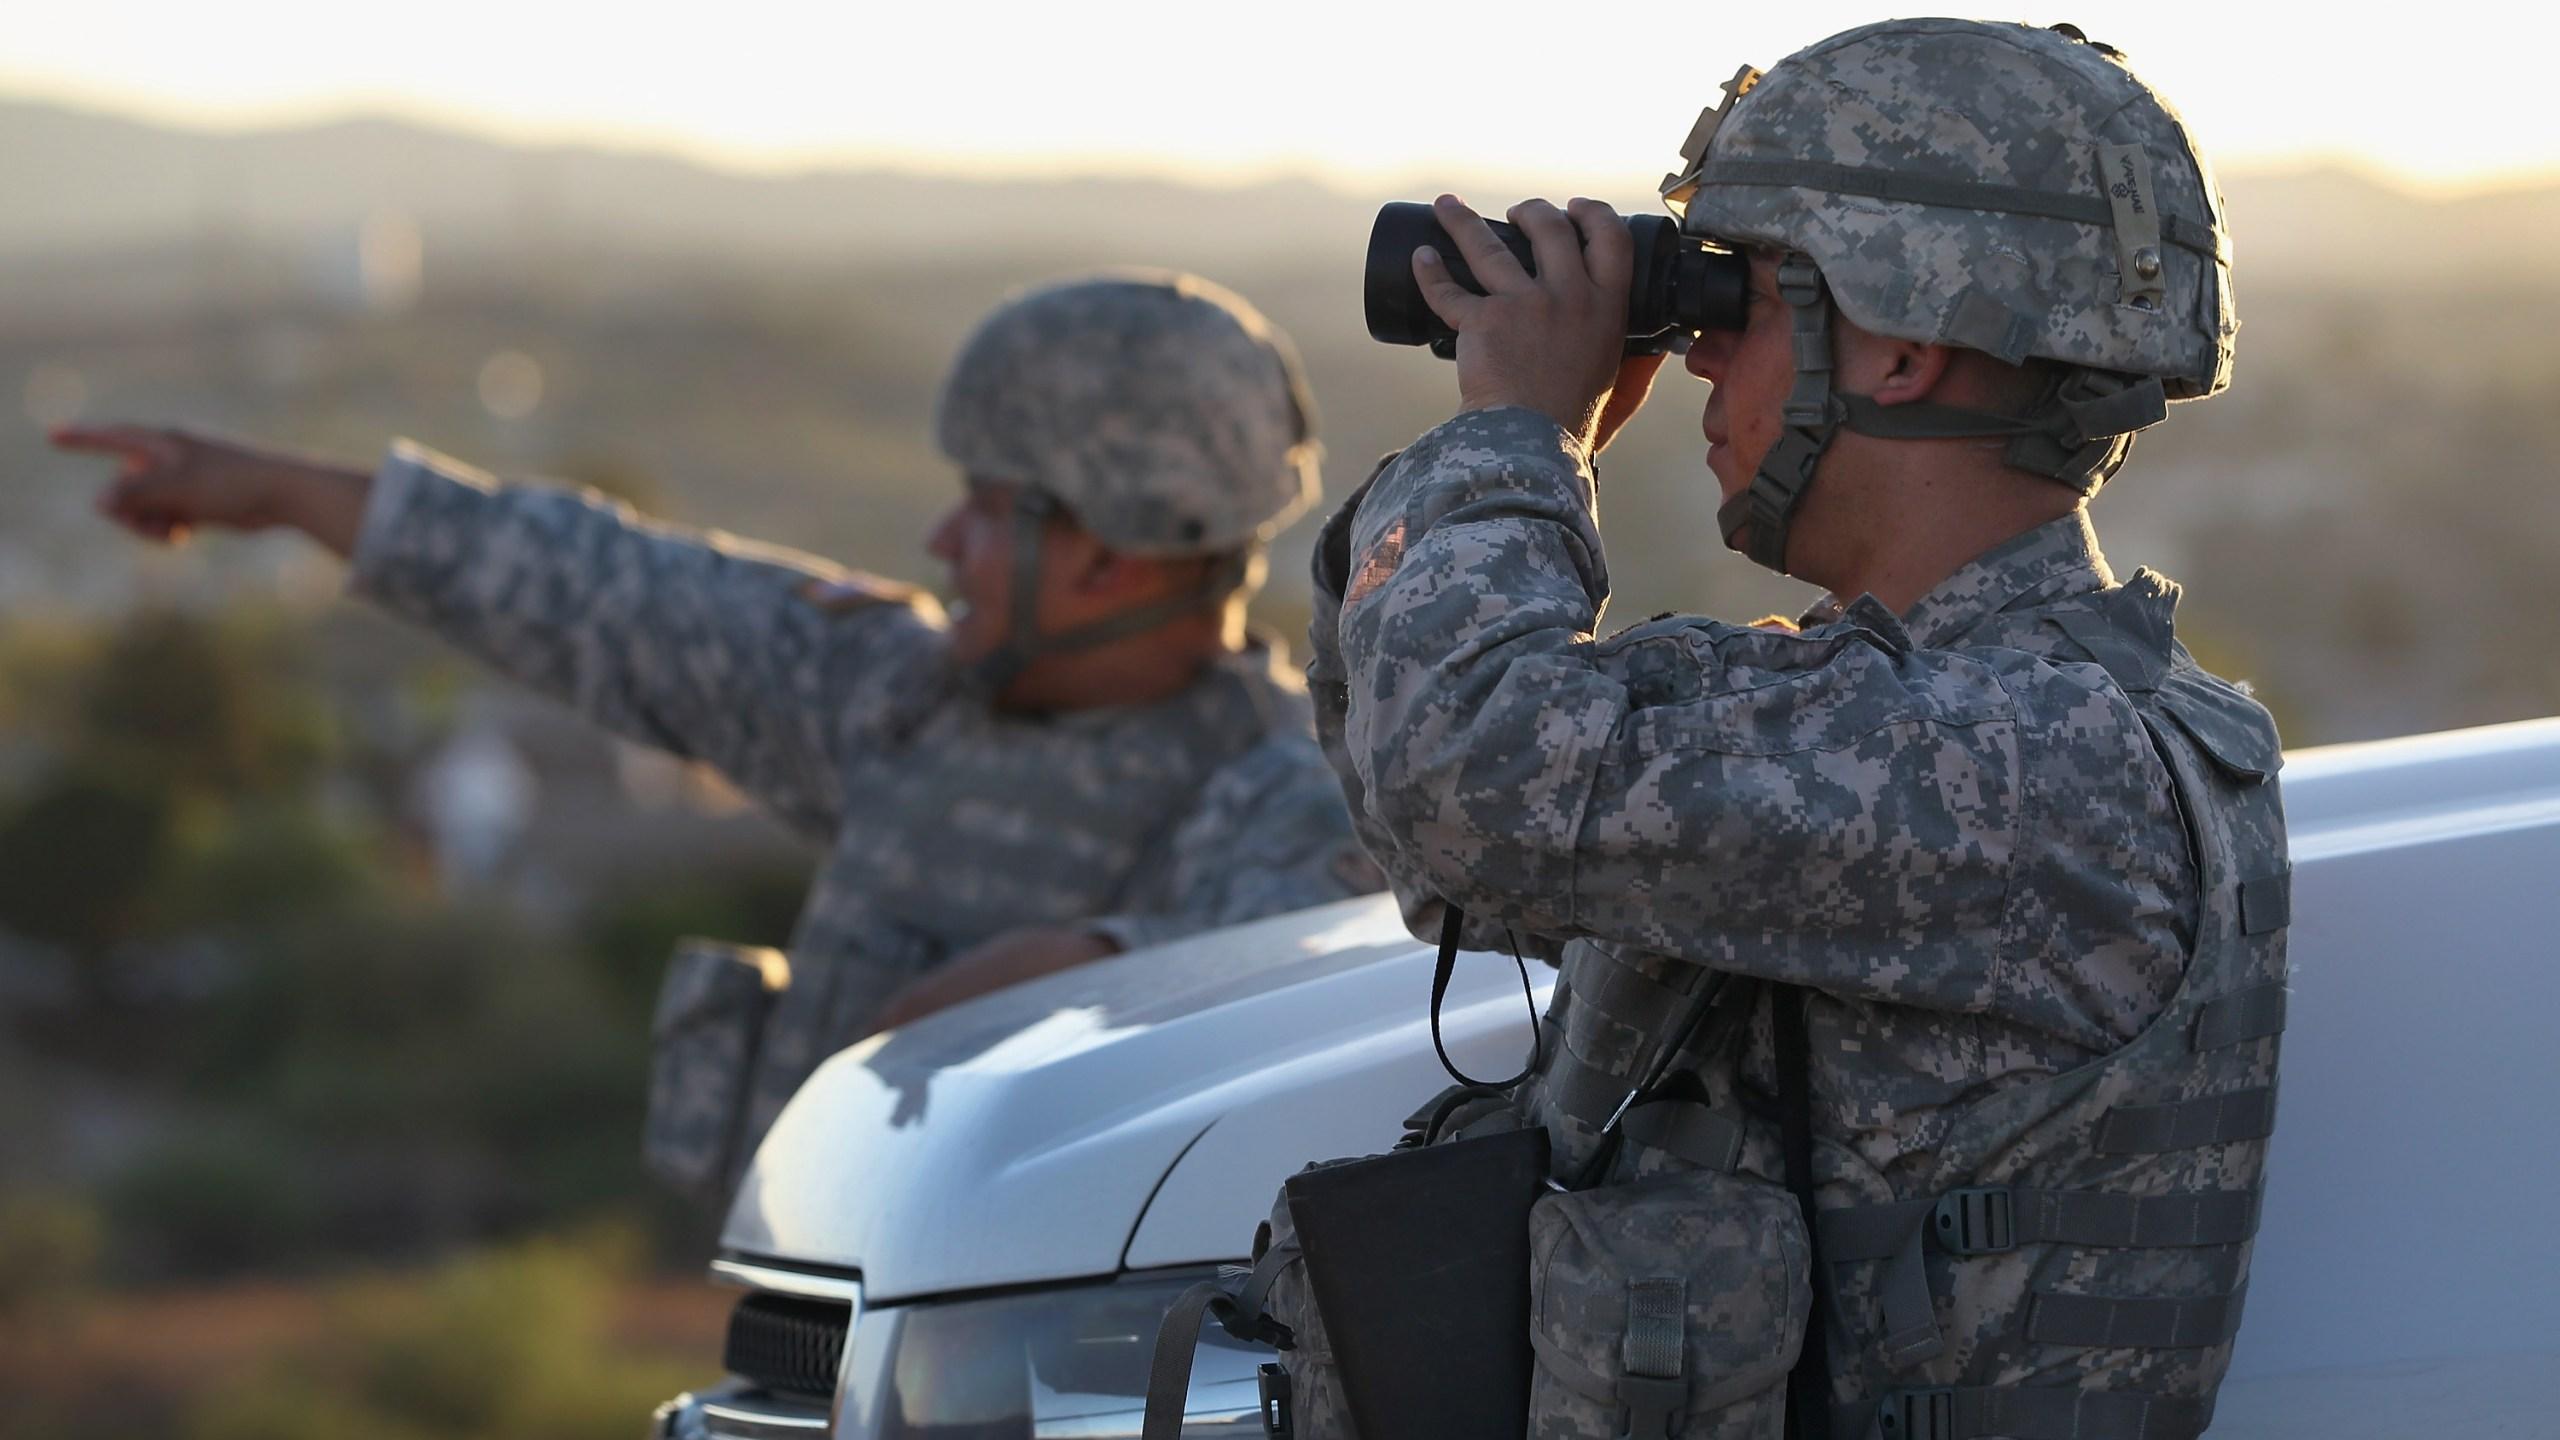 National Guard at border